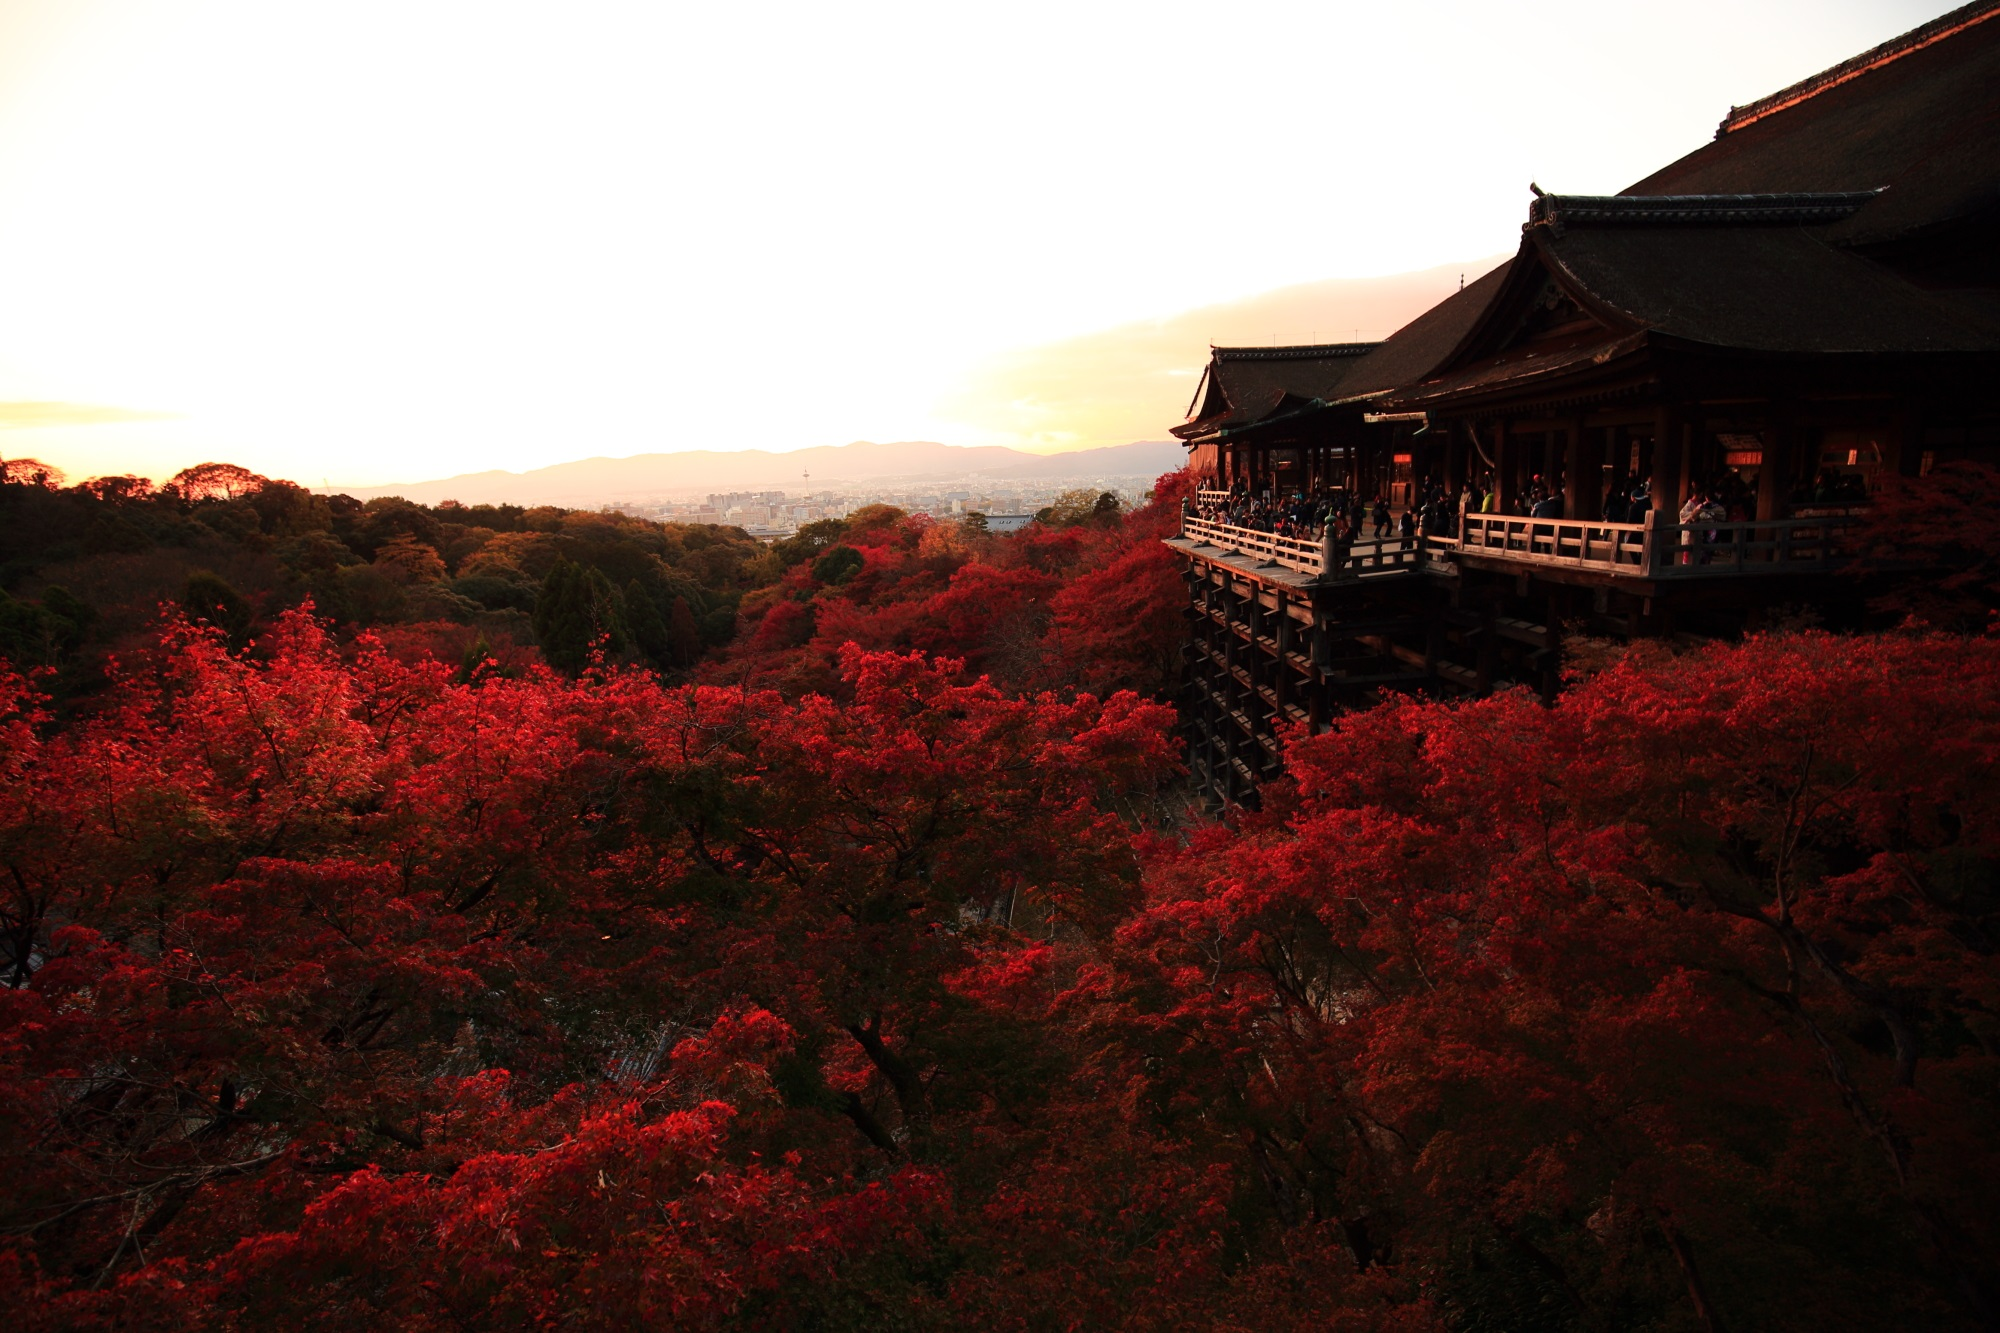 夕焼けと紅葉につつまれた清水寺